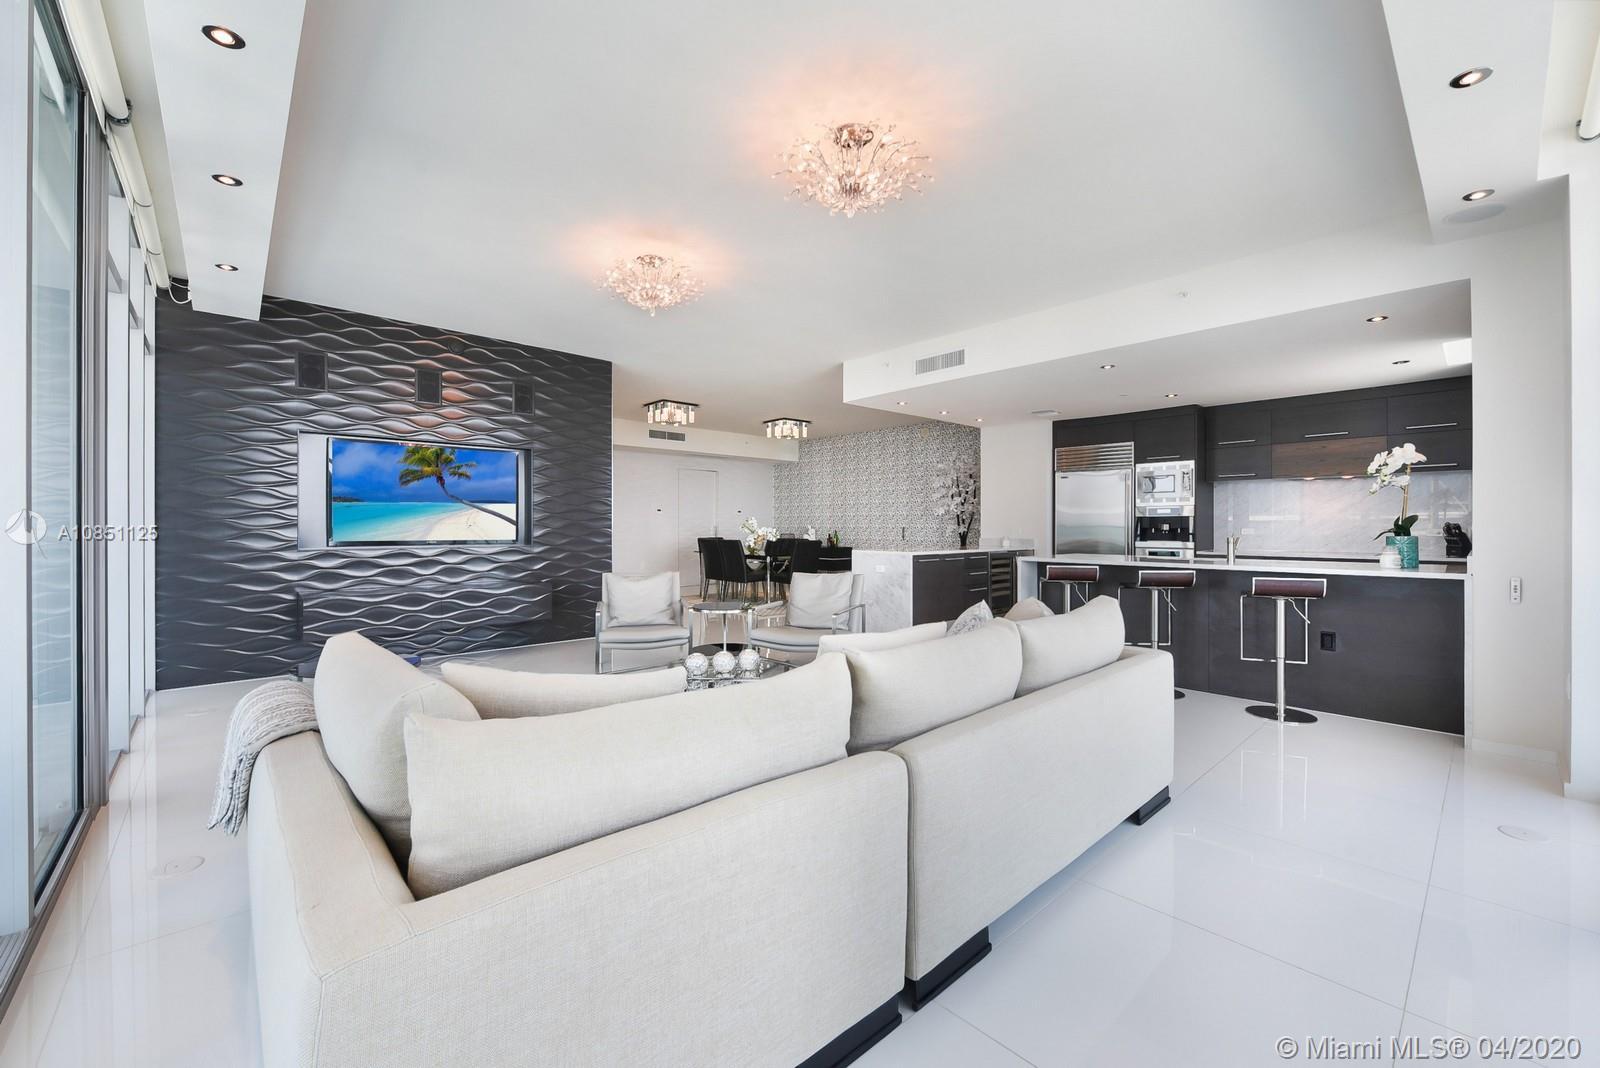 900 Biscayne Bay #6209 - 900 Biscayne Blvd #6209, Miami, FL 33132